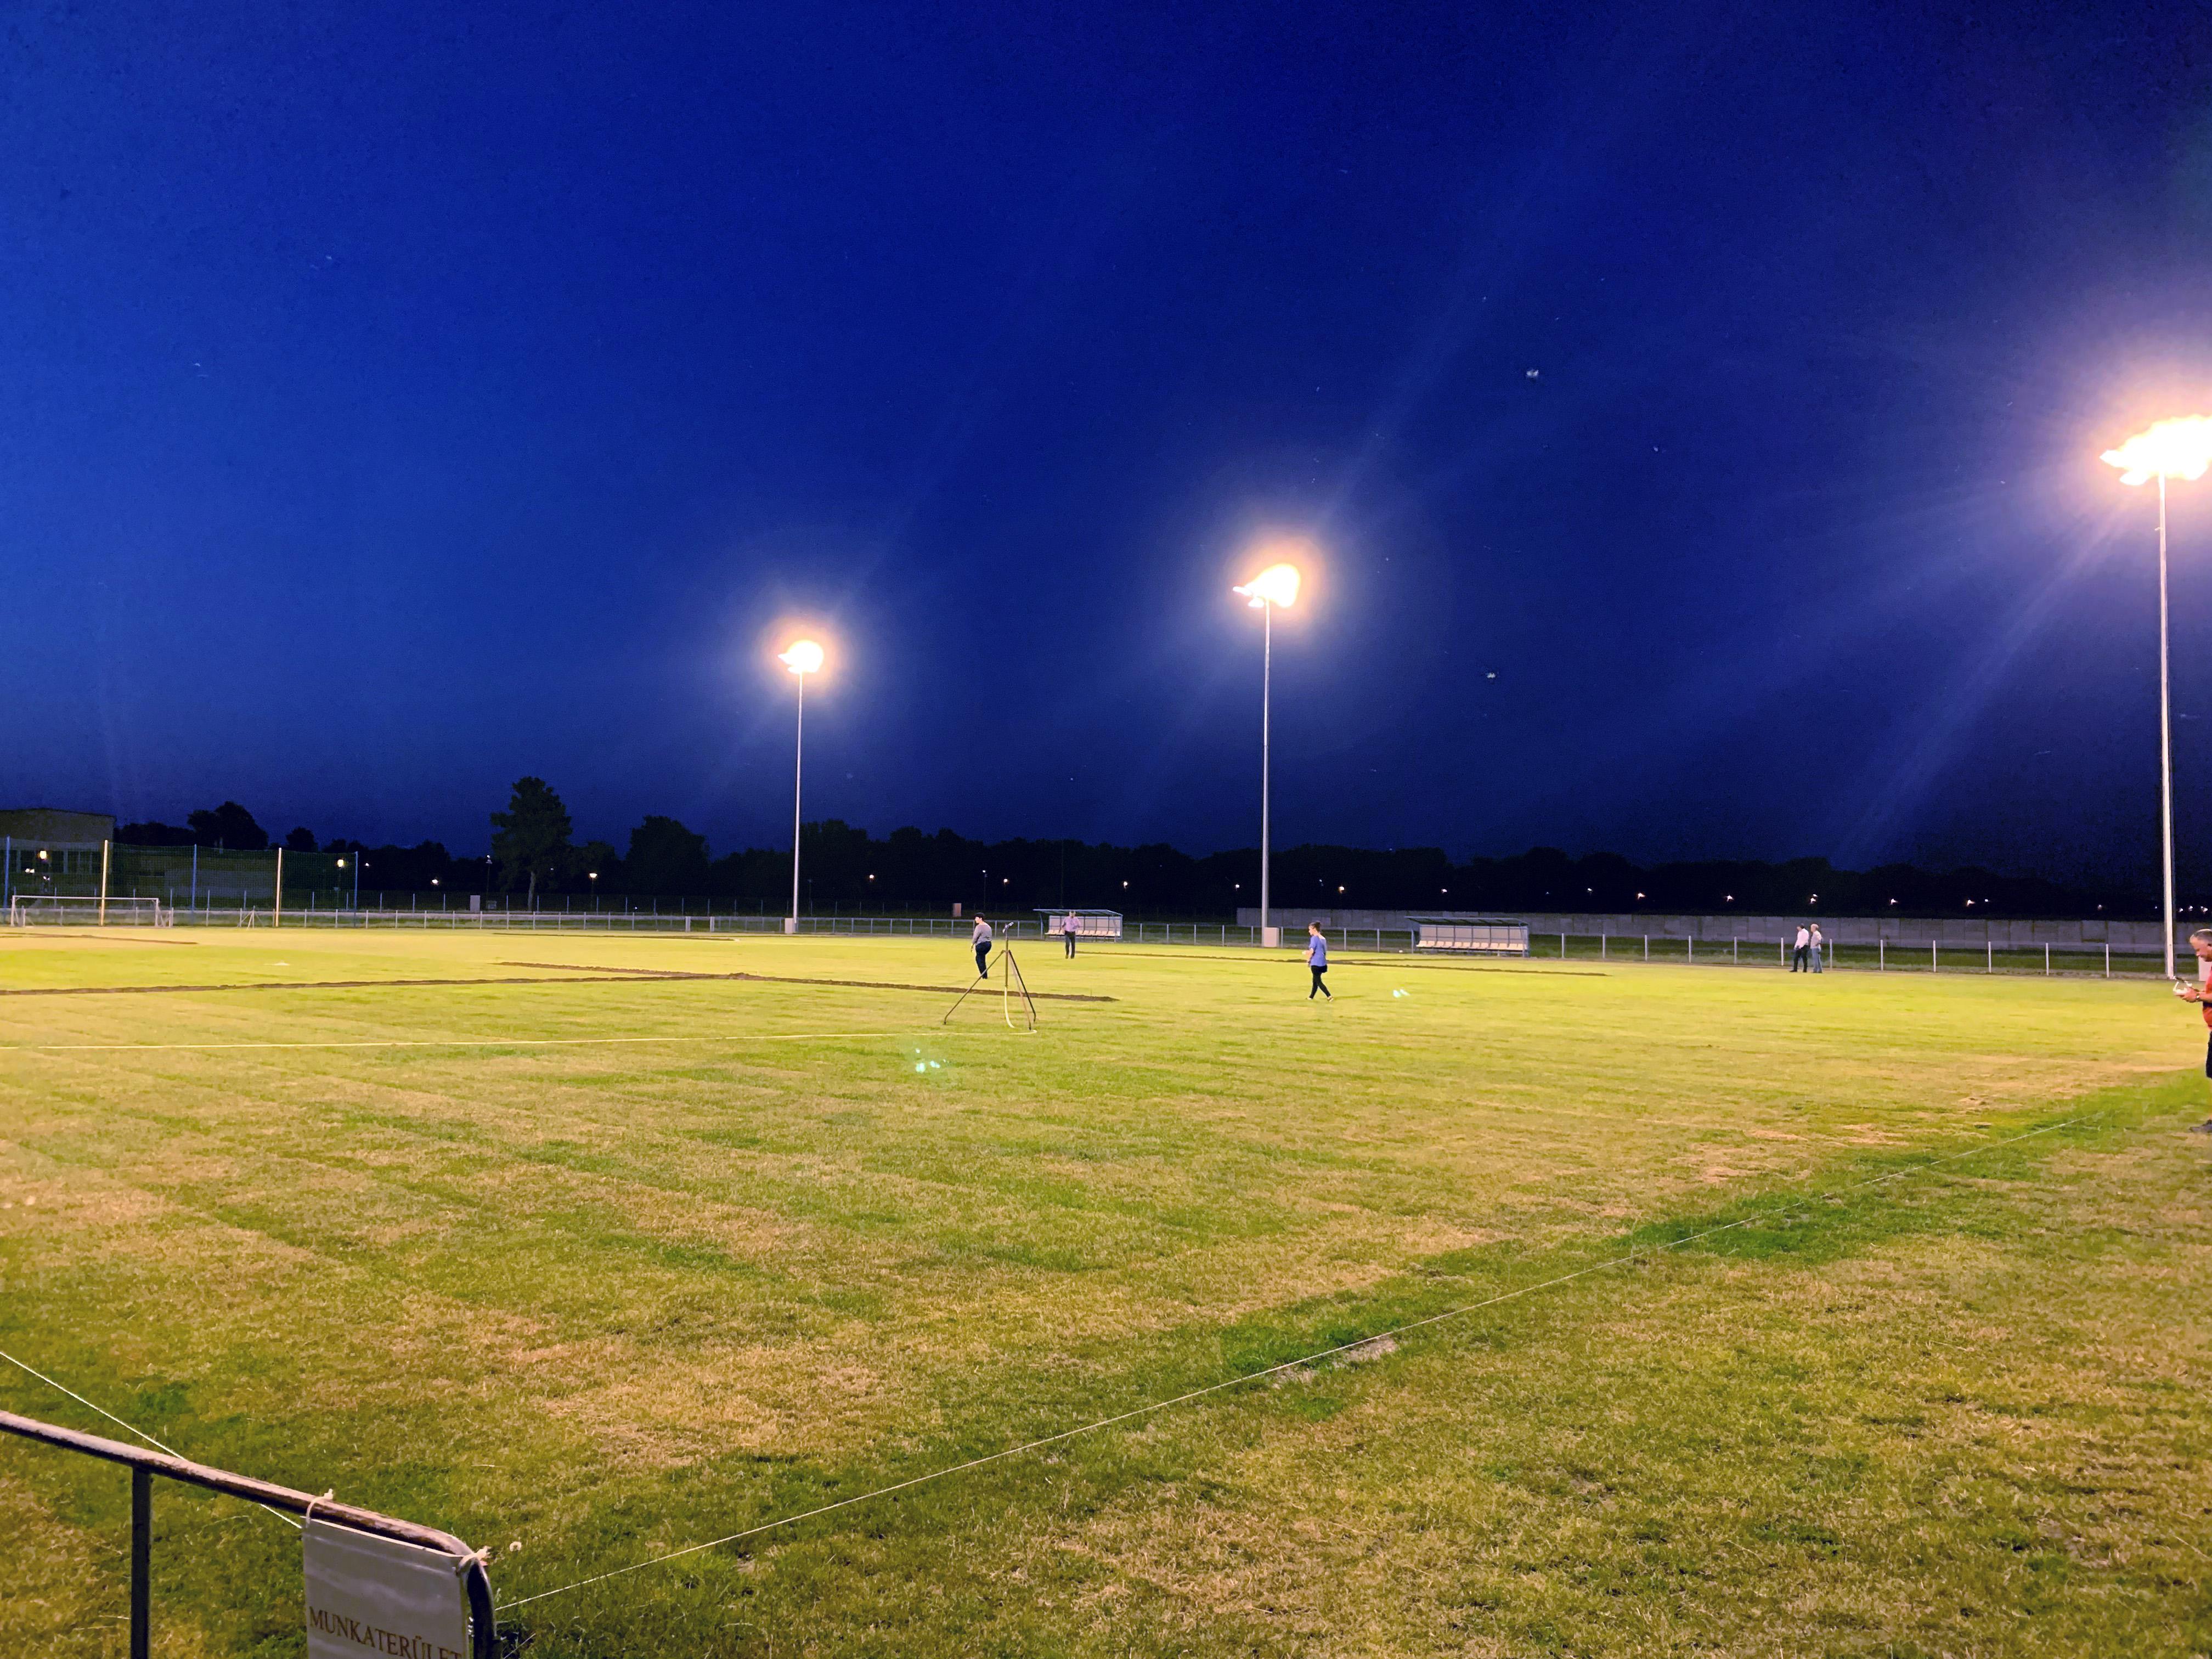 FC Tiszaújváros – nagypálya 350lux világítási rendszerrel, 1